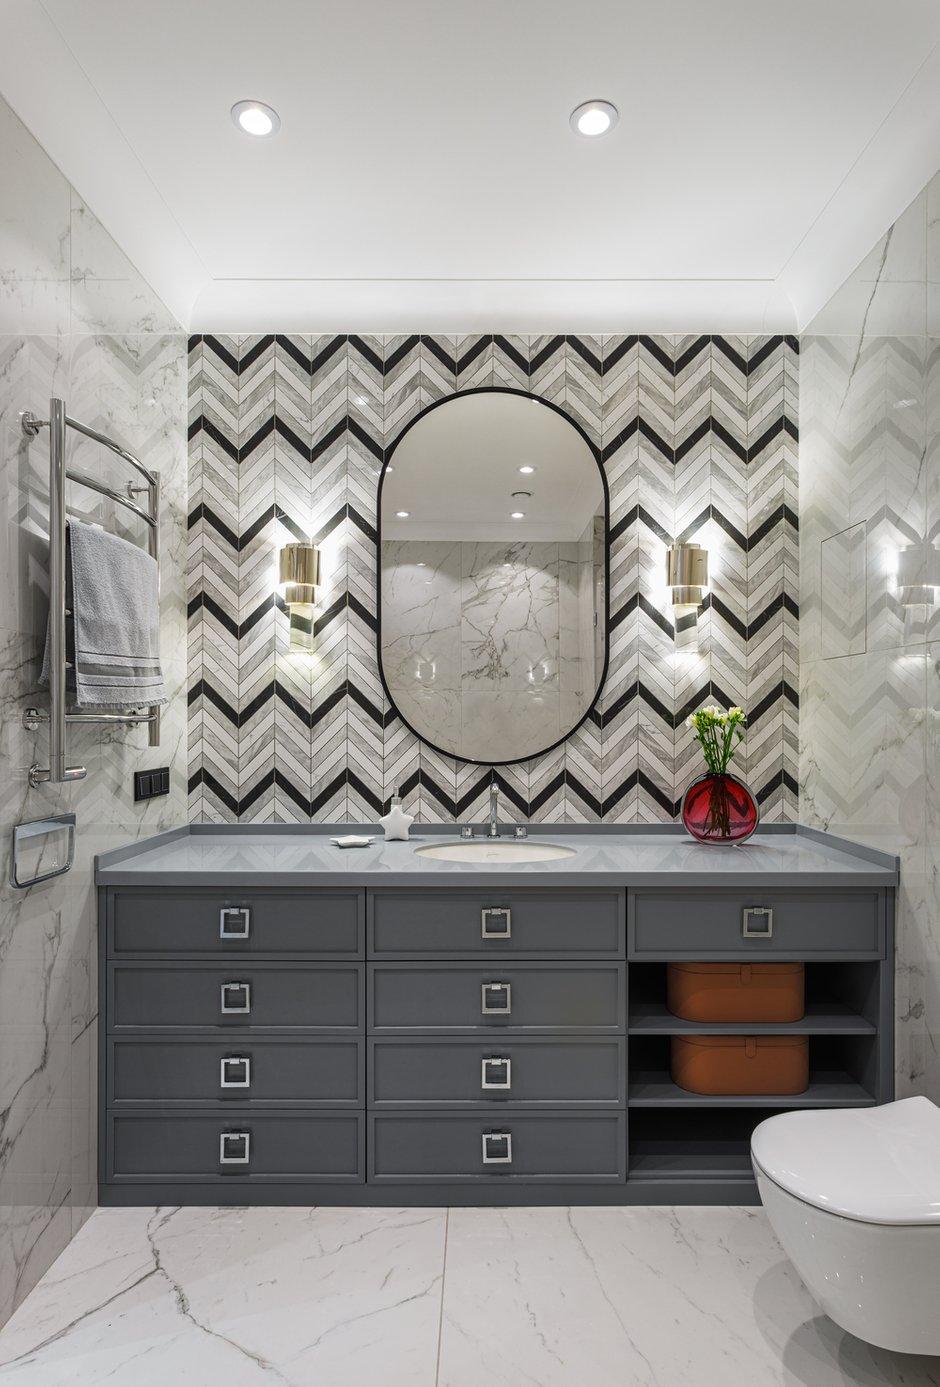 Ванная комната выполнена в графичной черно-белой гамме, акцент сделан на зону с раковиной.